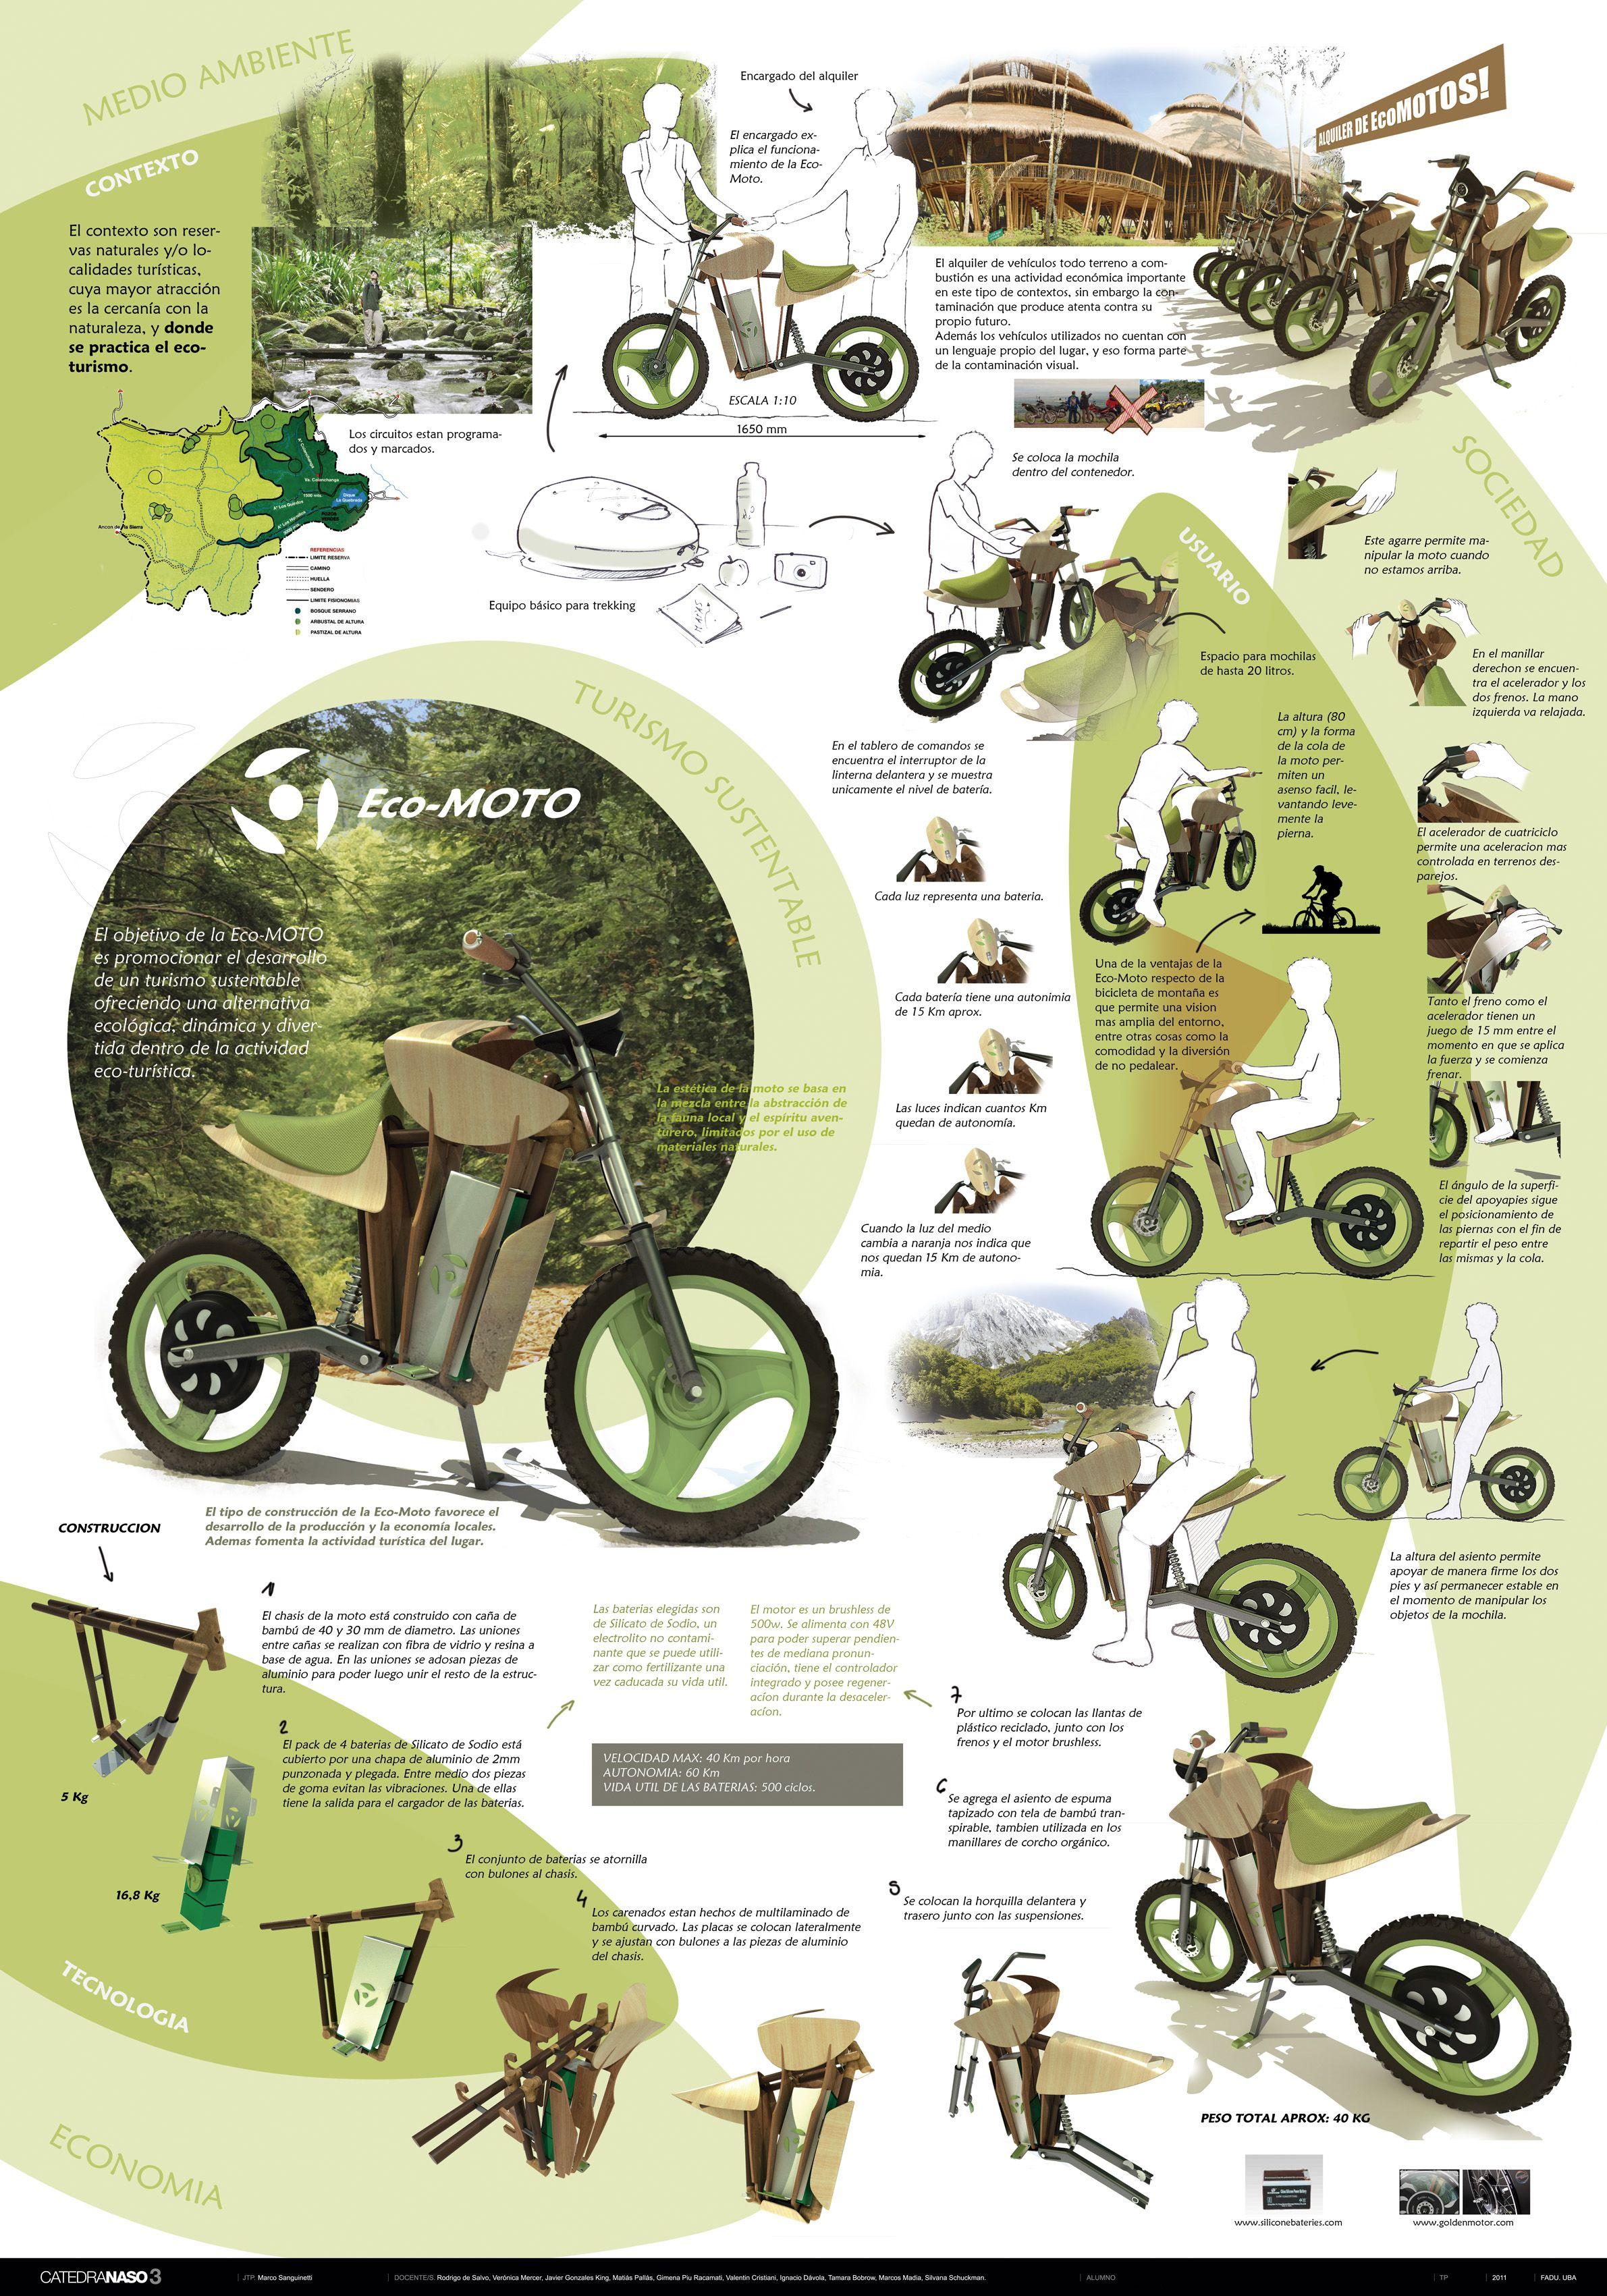 El objetivo de esta moto es impulsar el desarrollo del turismo ...